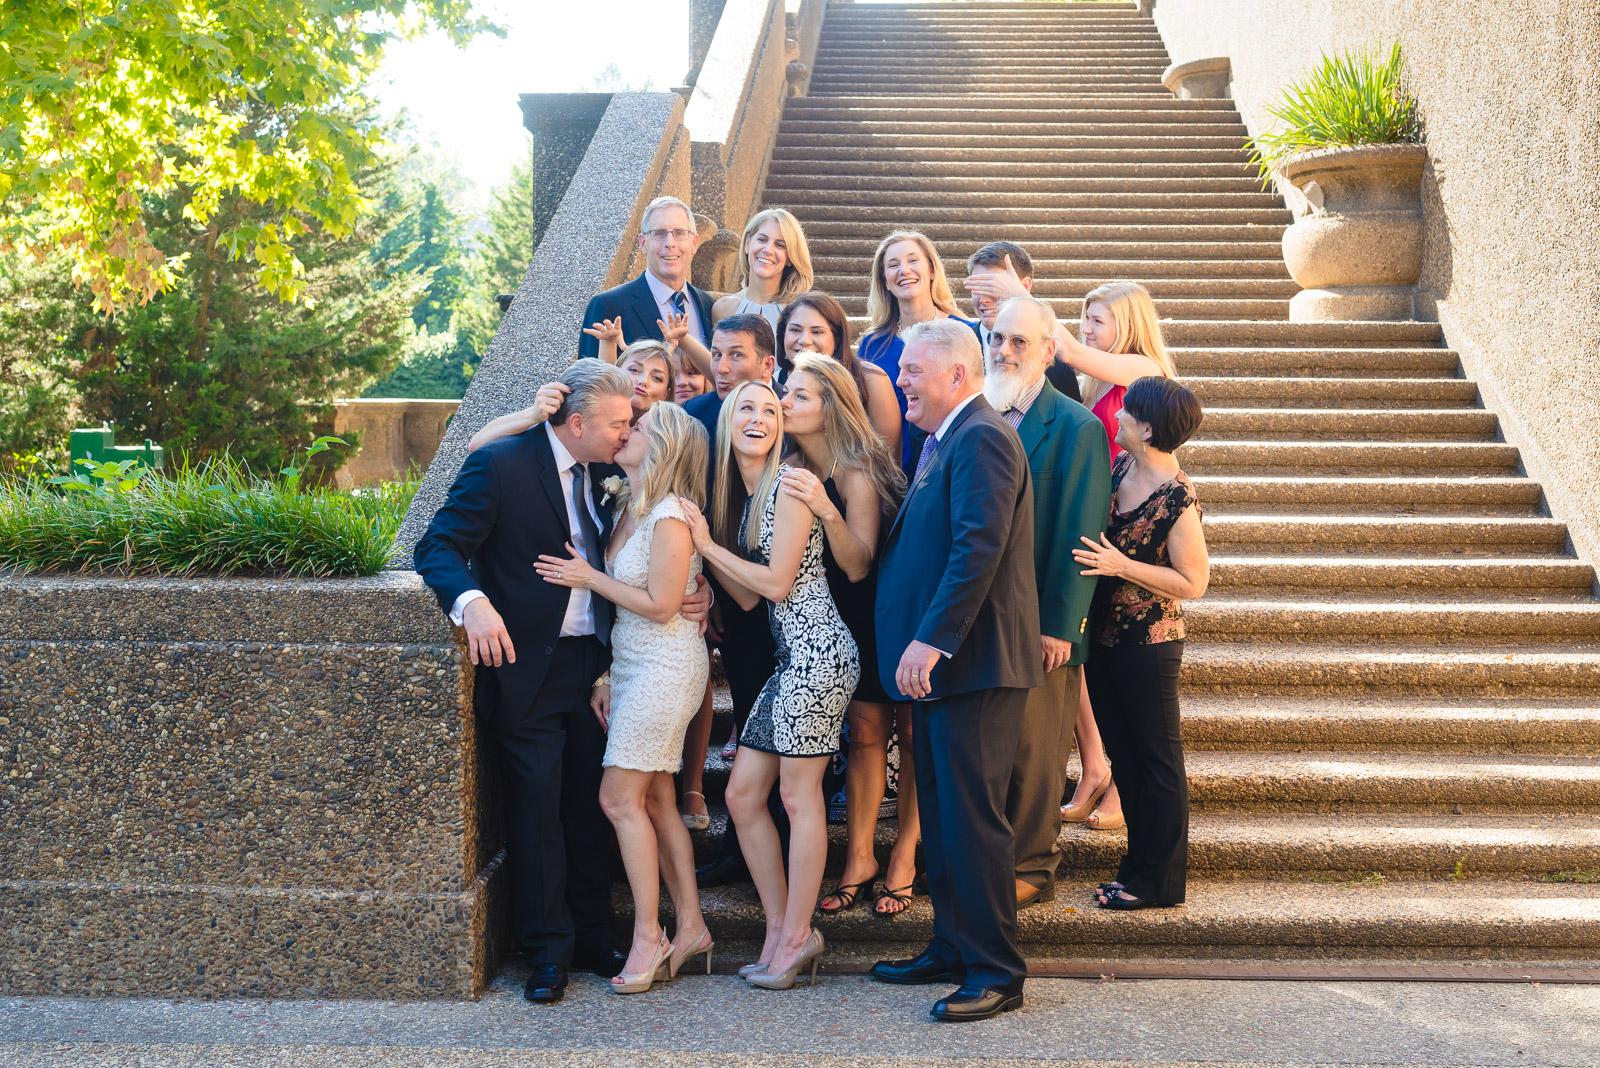 phill-cherie-wedding-024-blog.jpg